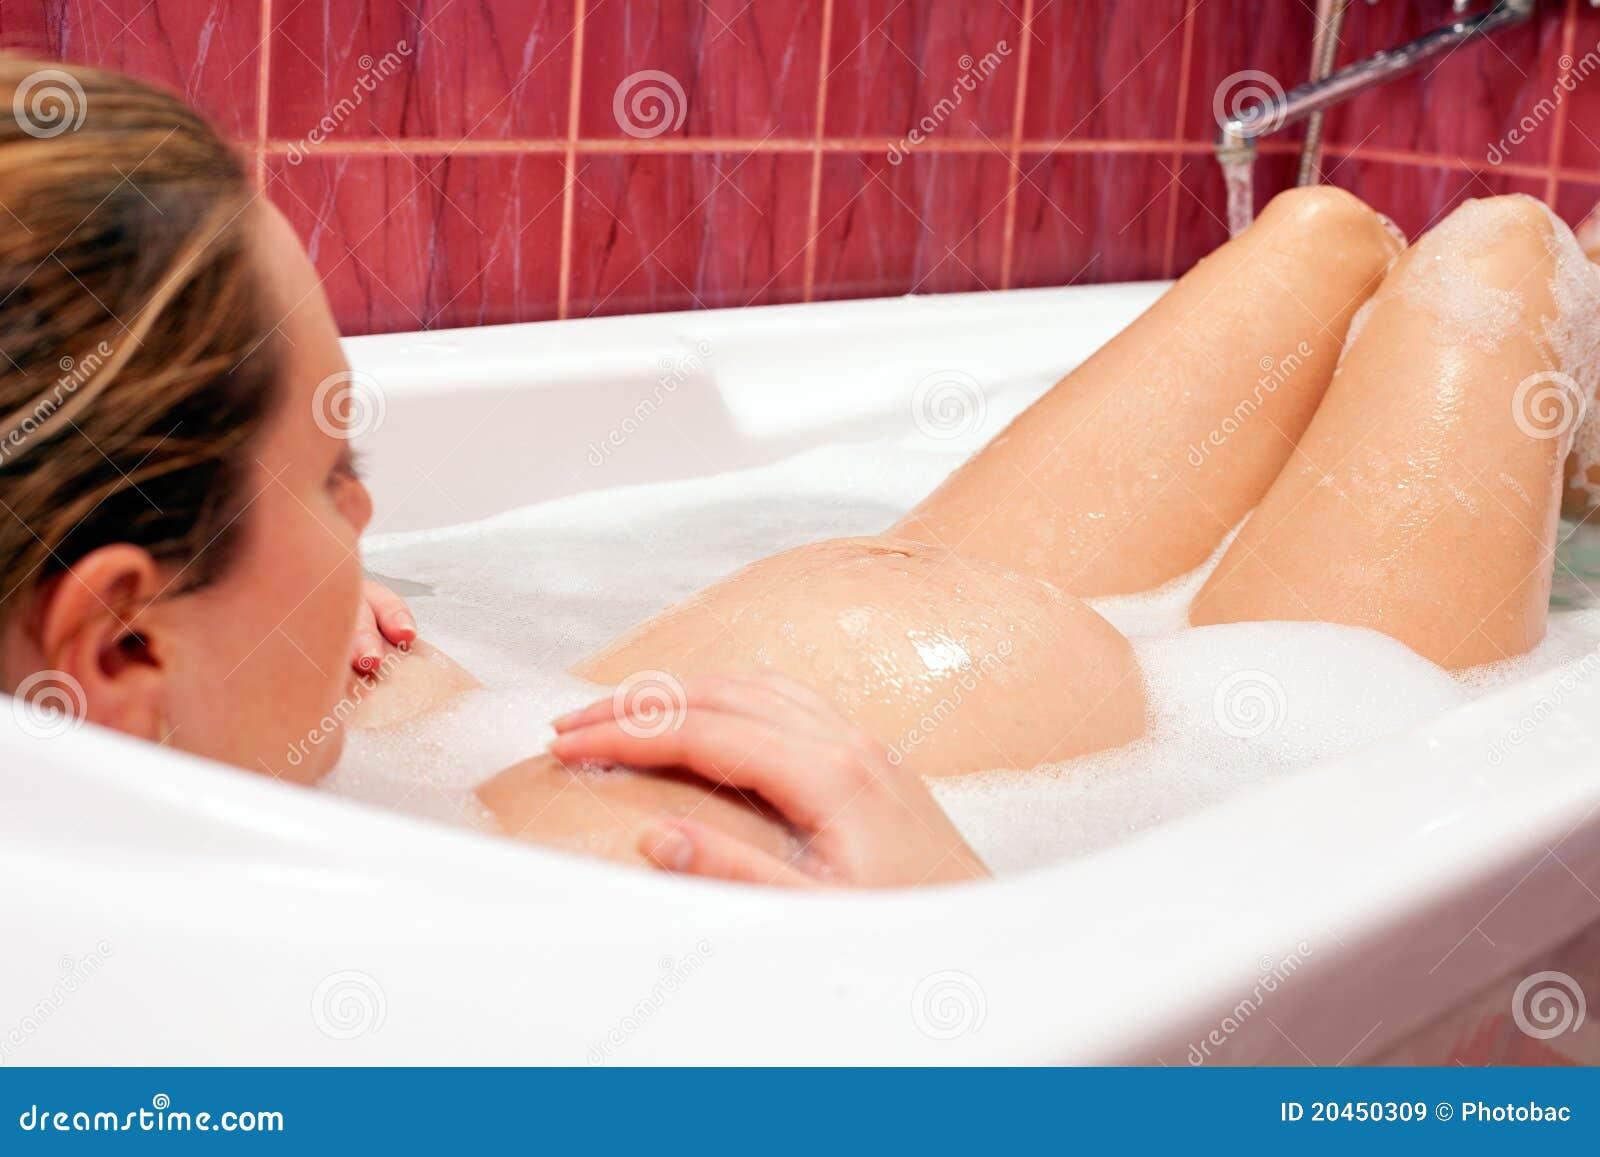 С беременной девушкой в ванне 3 фотография